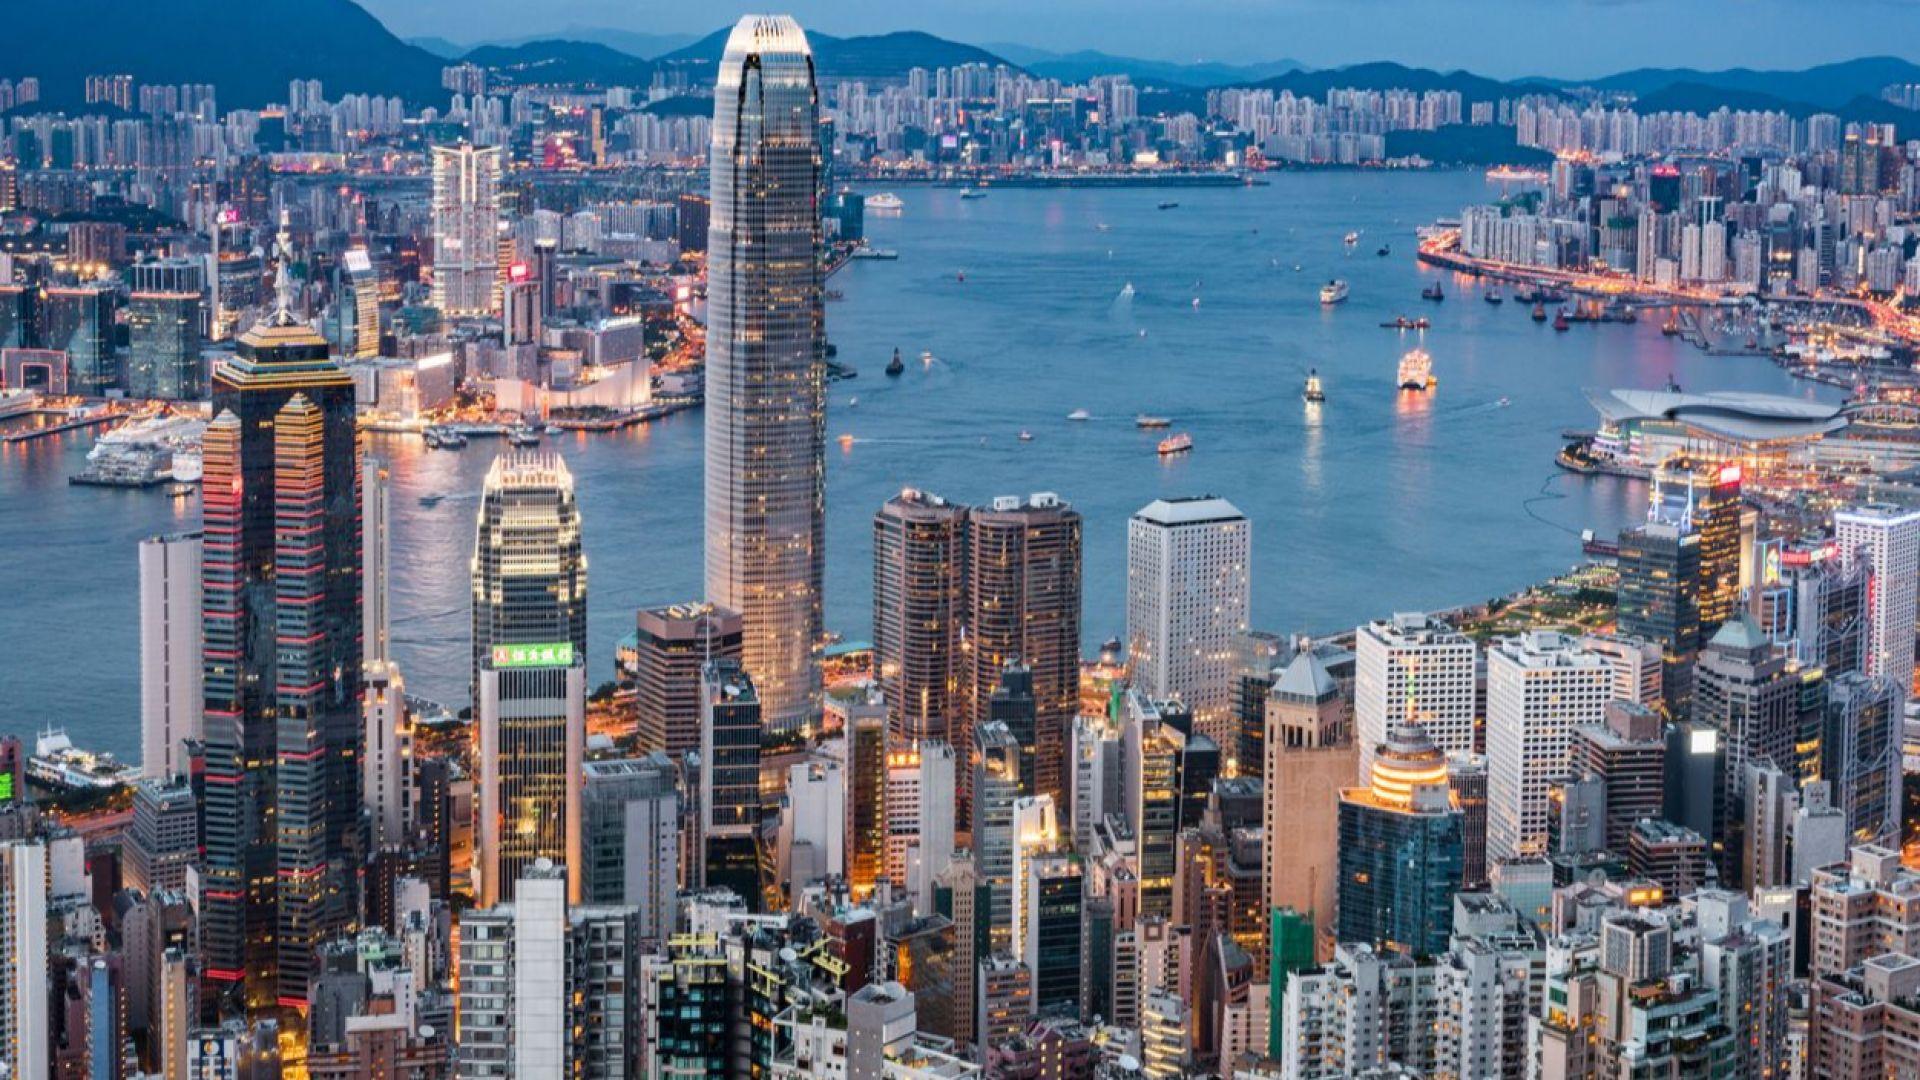 Външните министри на Г-7  призоваха Китай да не прилага  закона за националната сигурност в Хонконг